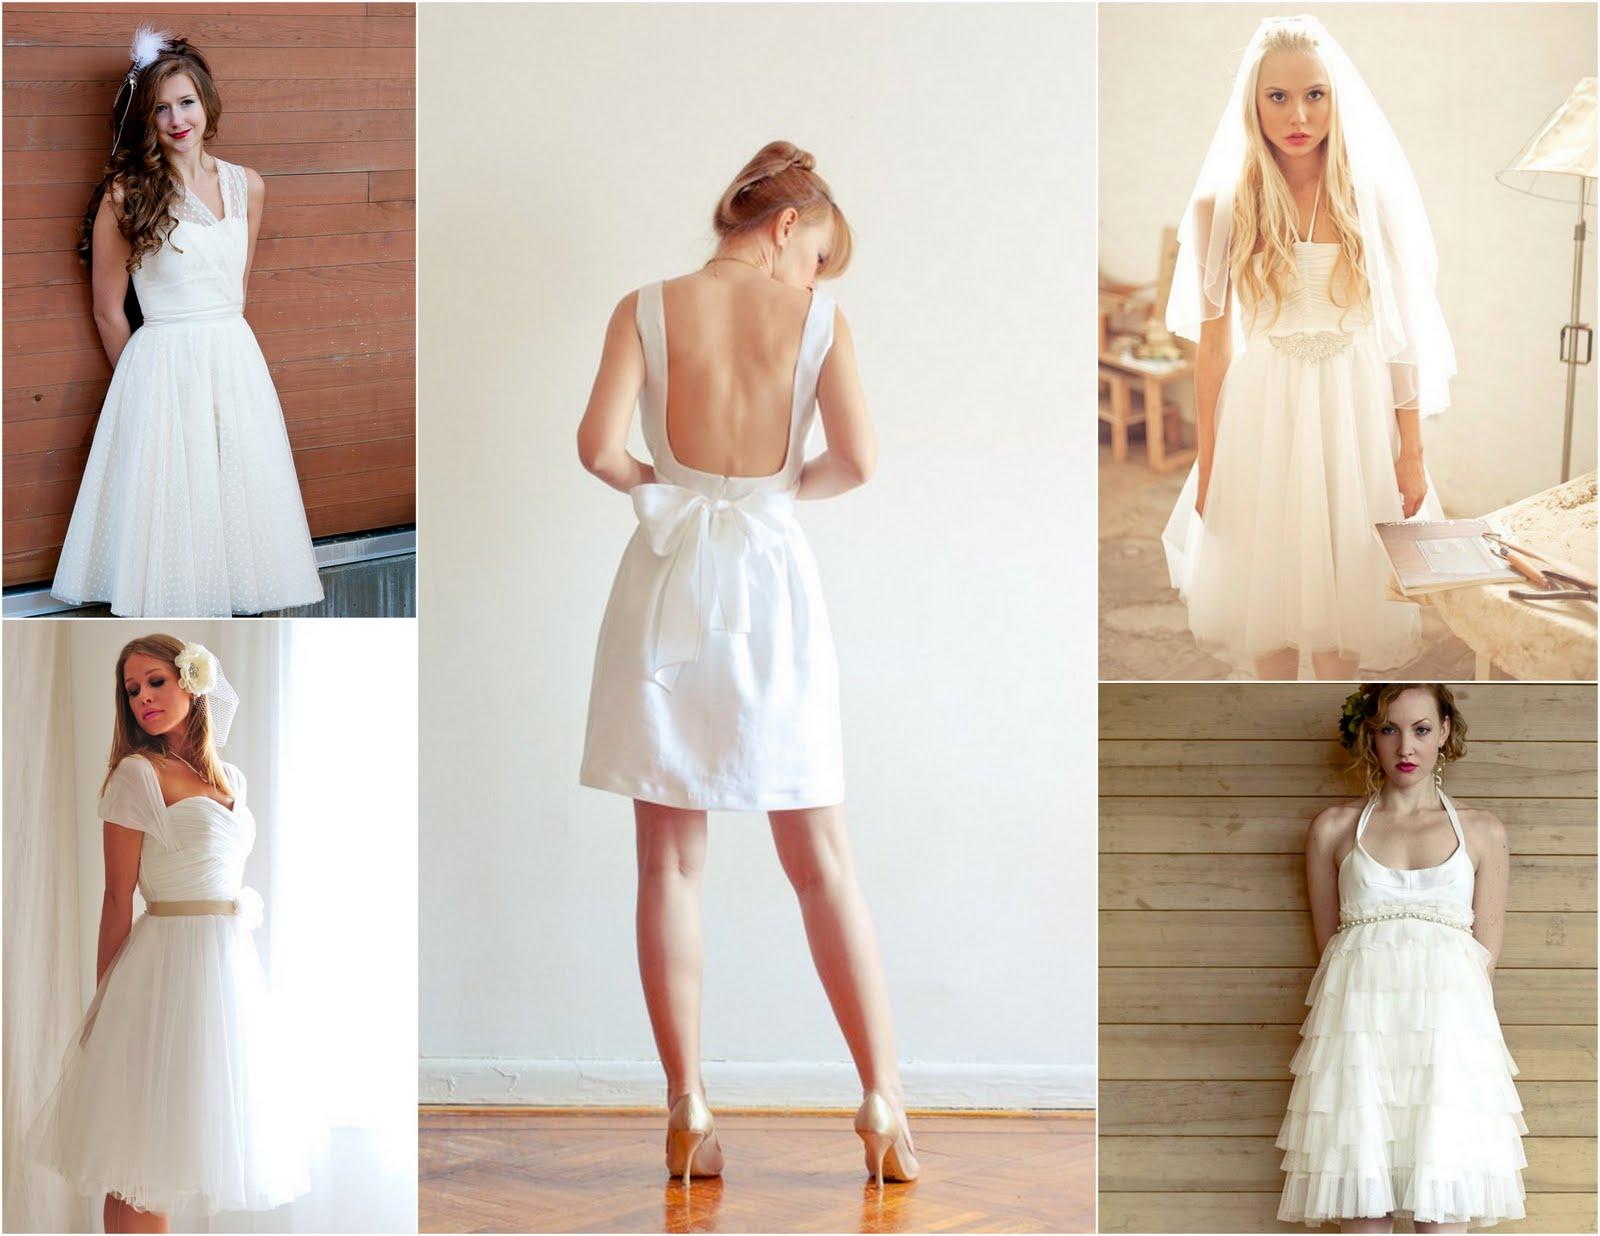 Wedding dresses: white linen wedding dresses